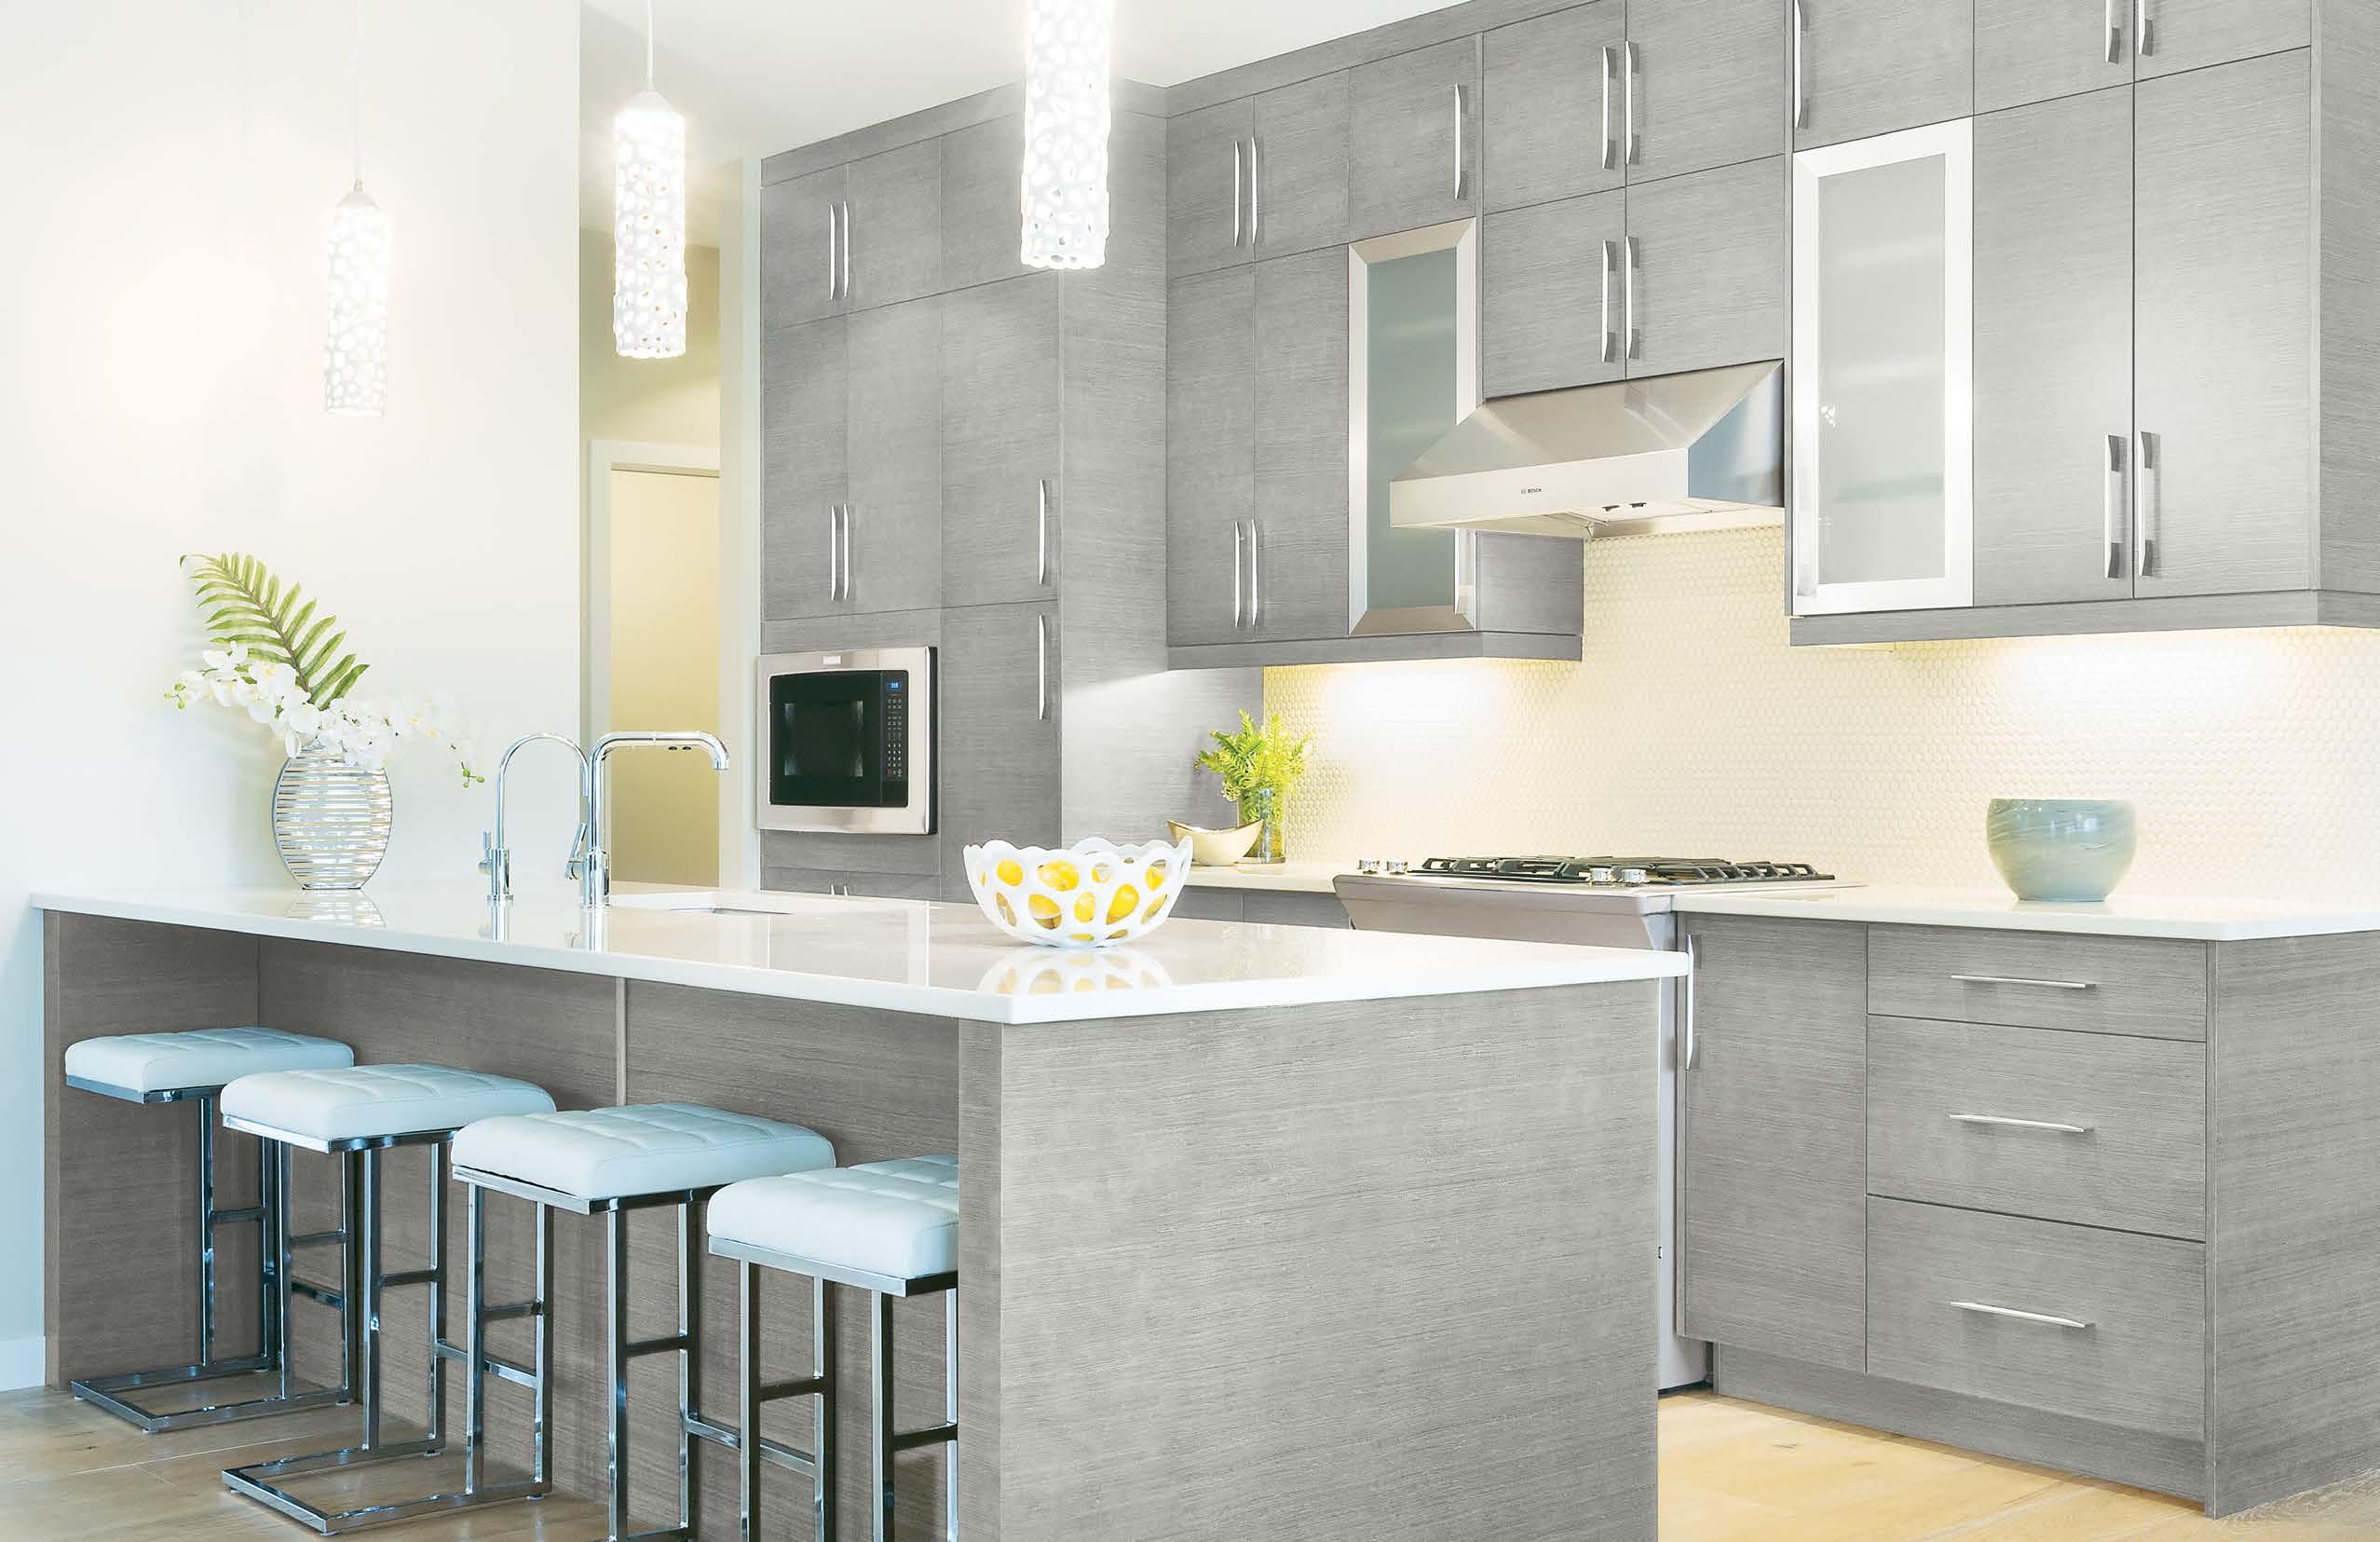 Grey Vista kitchen cabinets in white walls